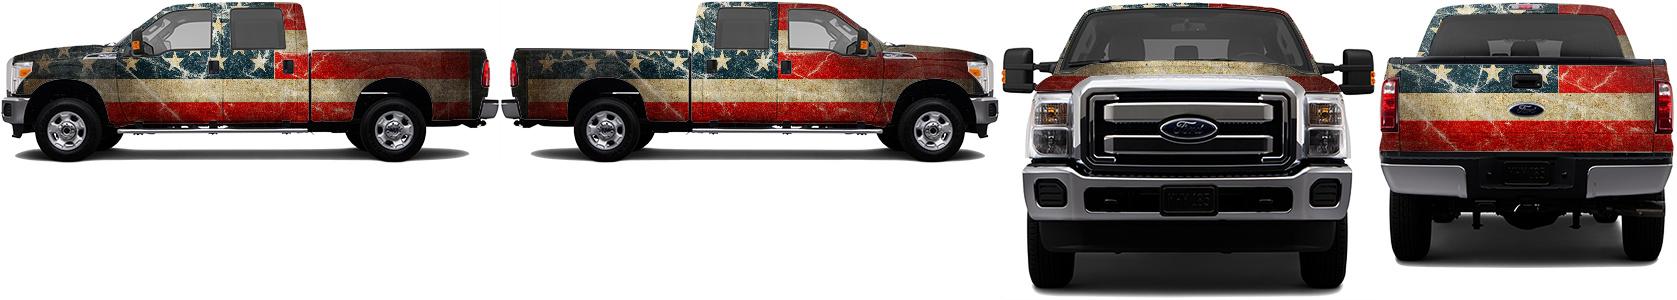 Truck Wrap #48869